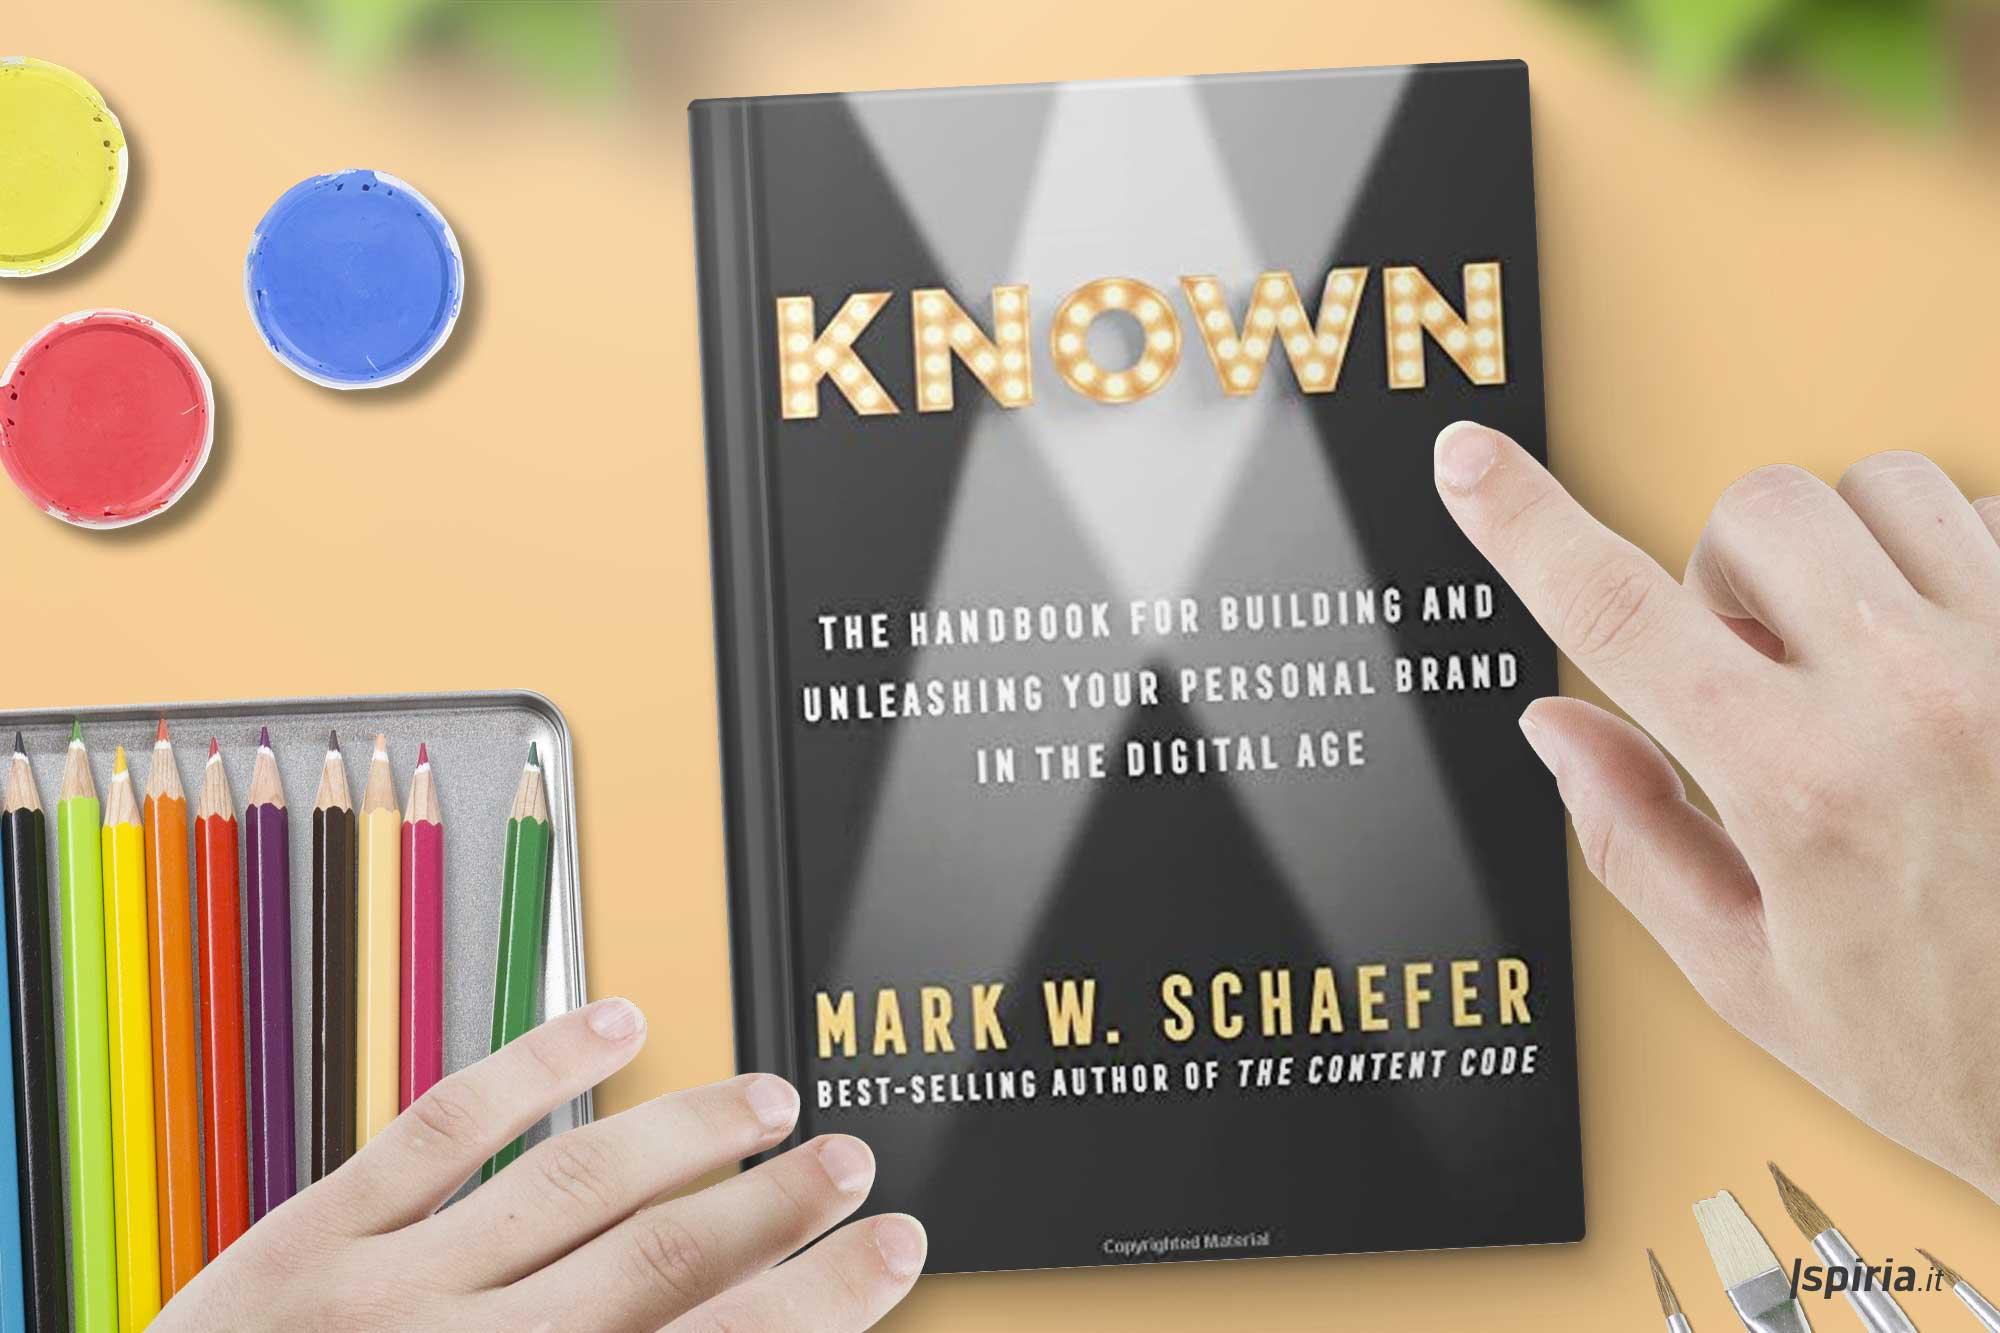 known-libro-sul-personal-branding